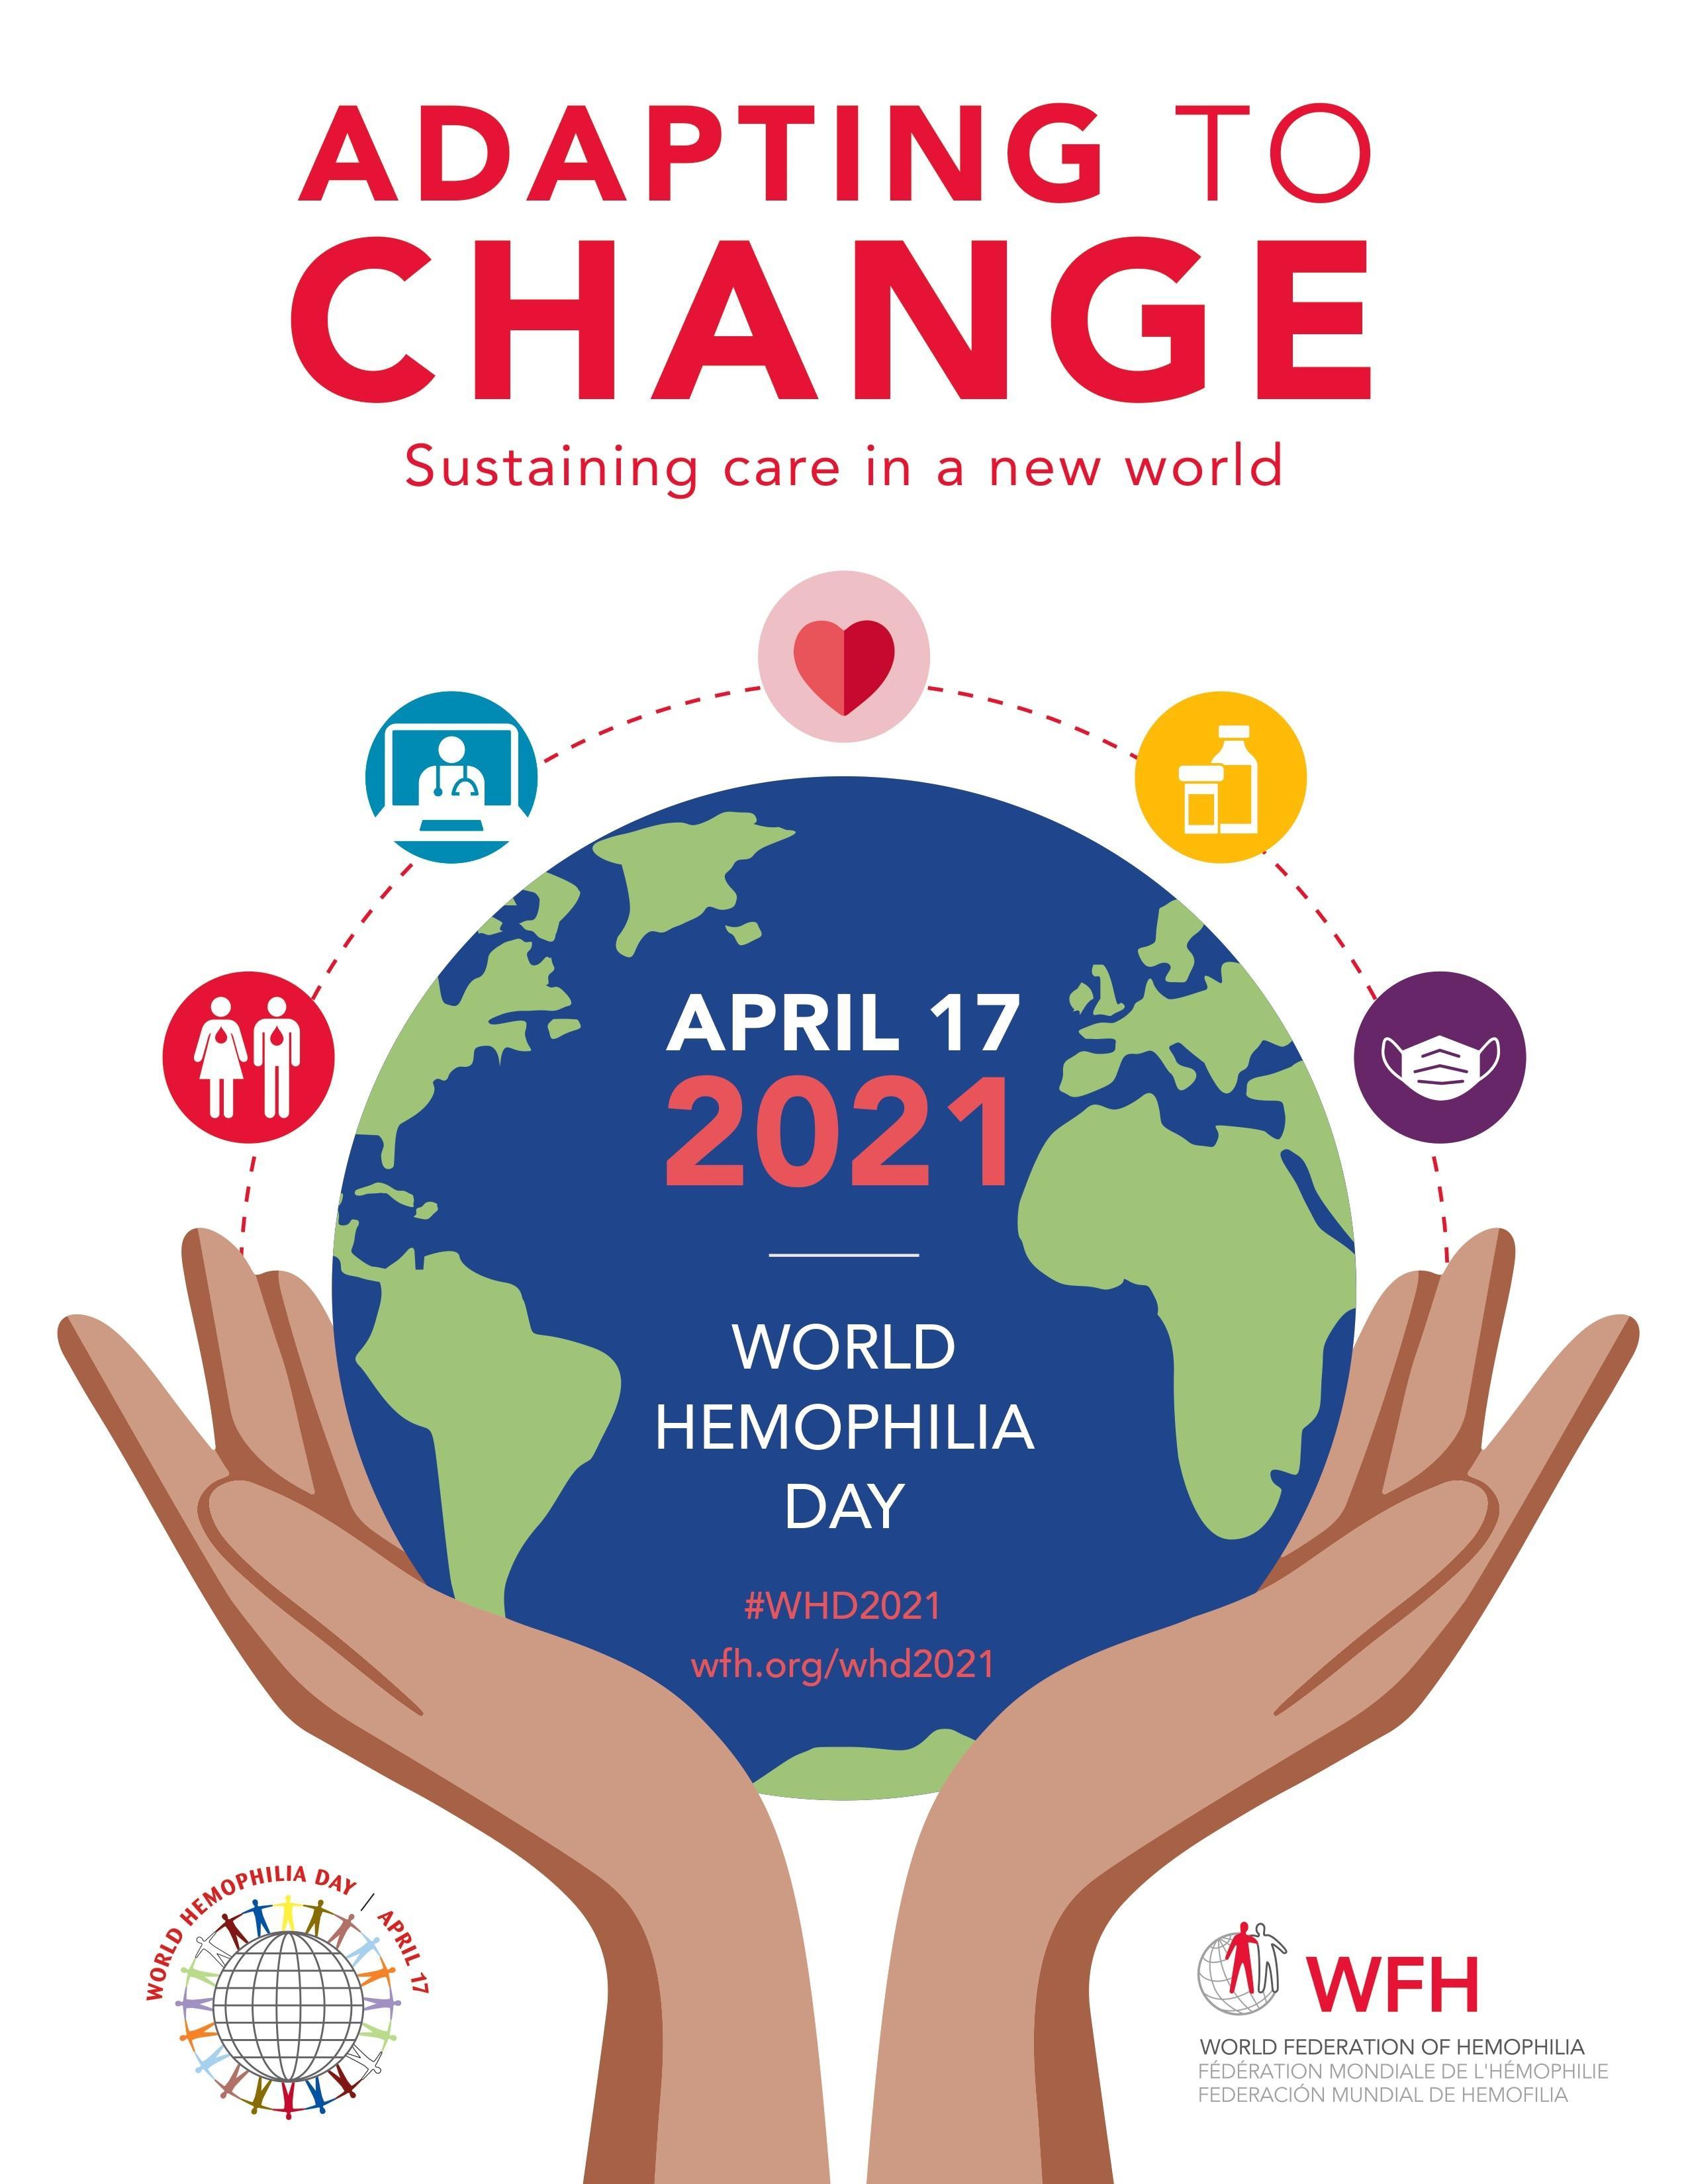 WFH (World Federation of Hemophilia) Всемирный день гемофилии